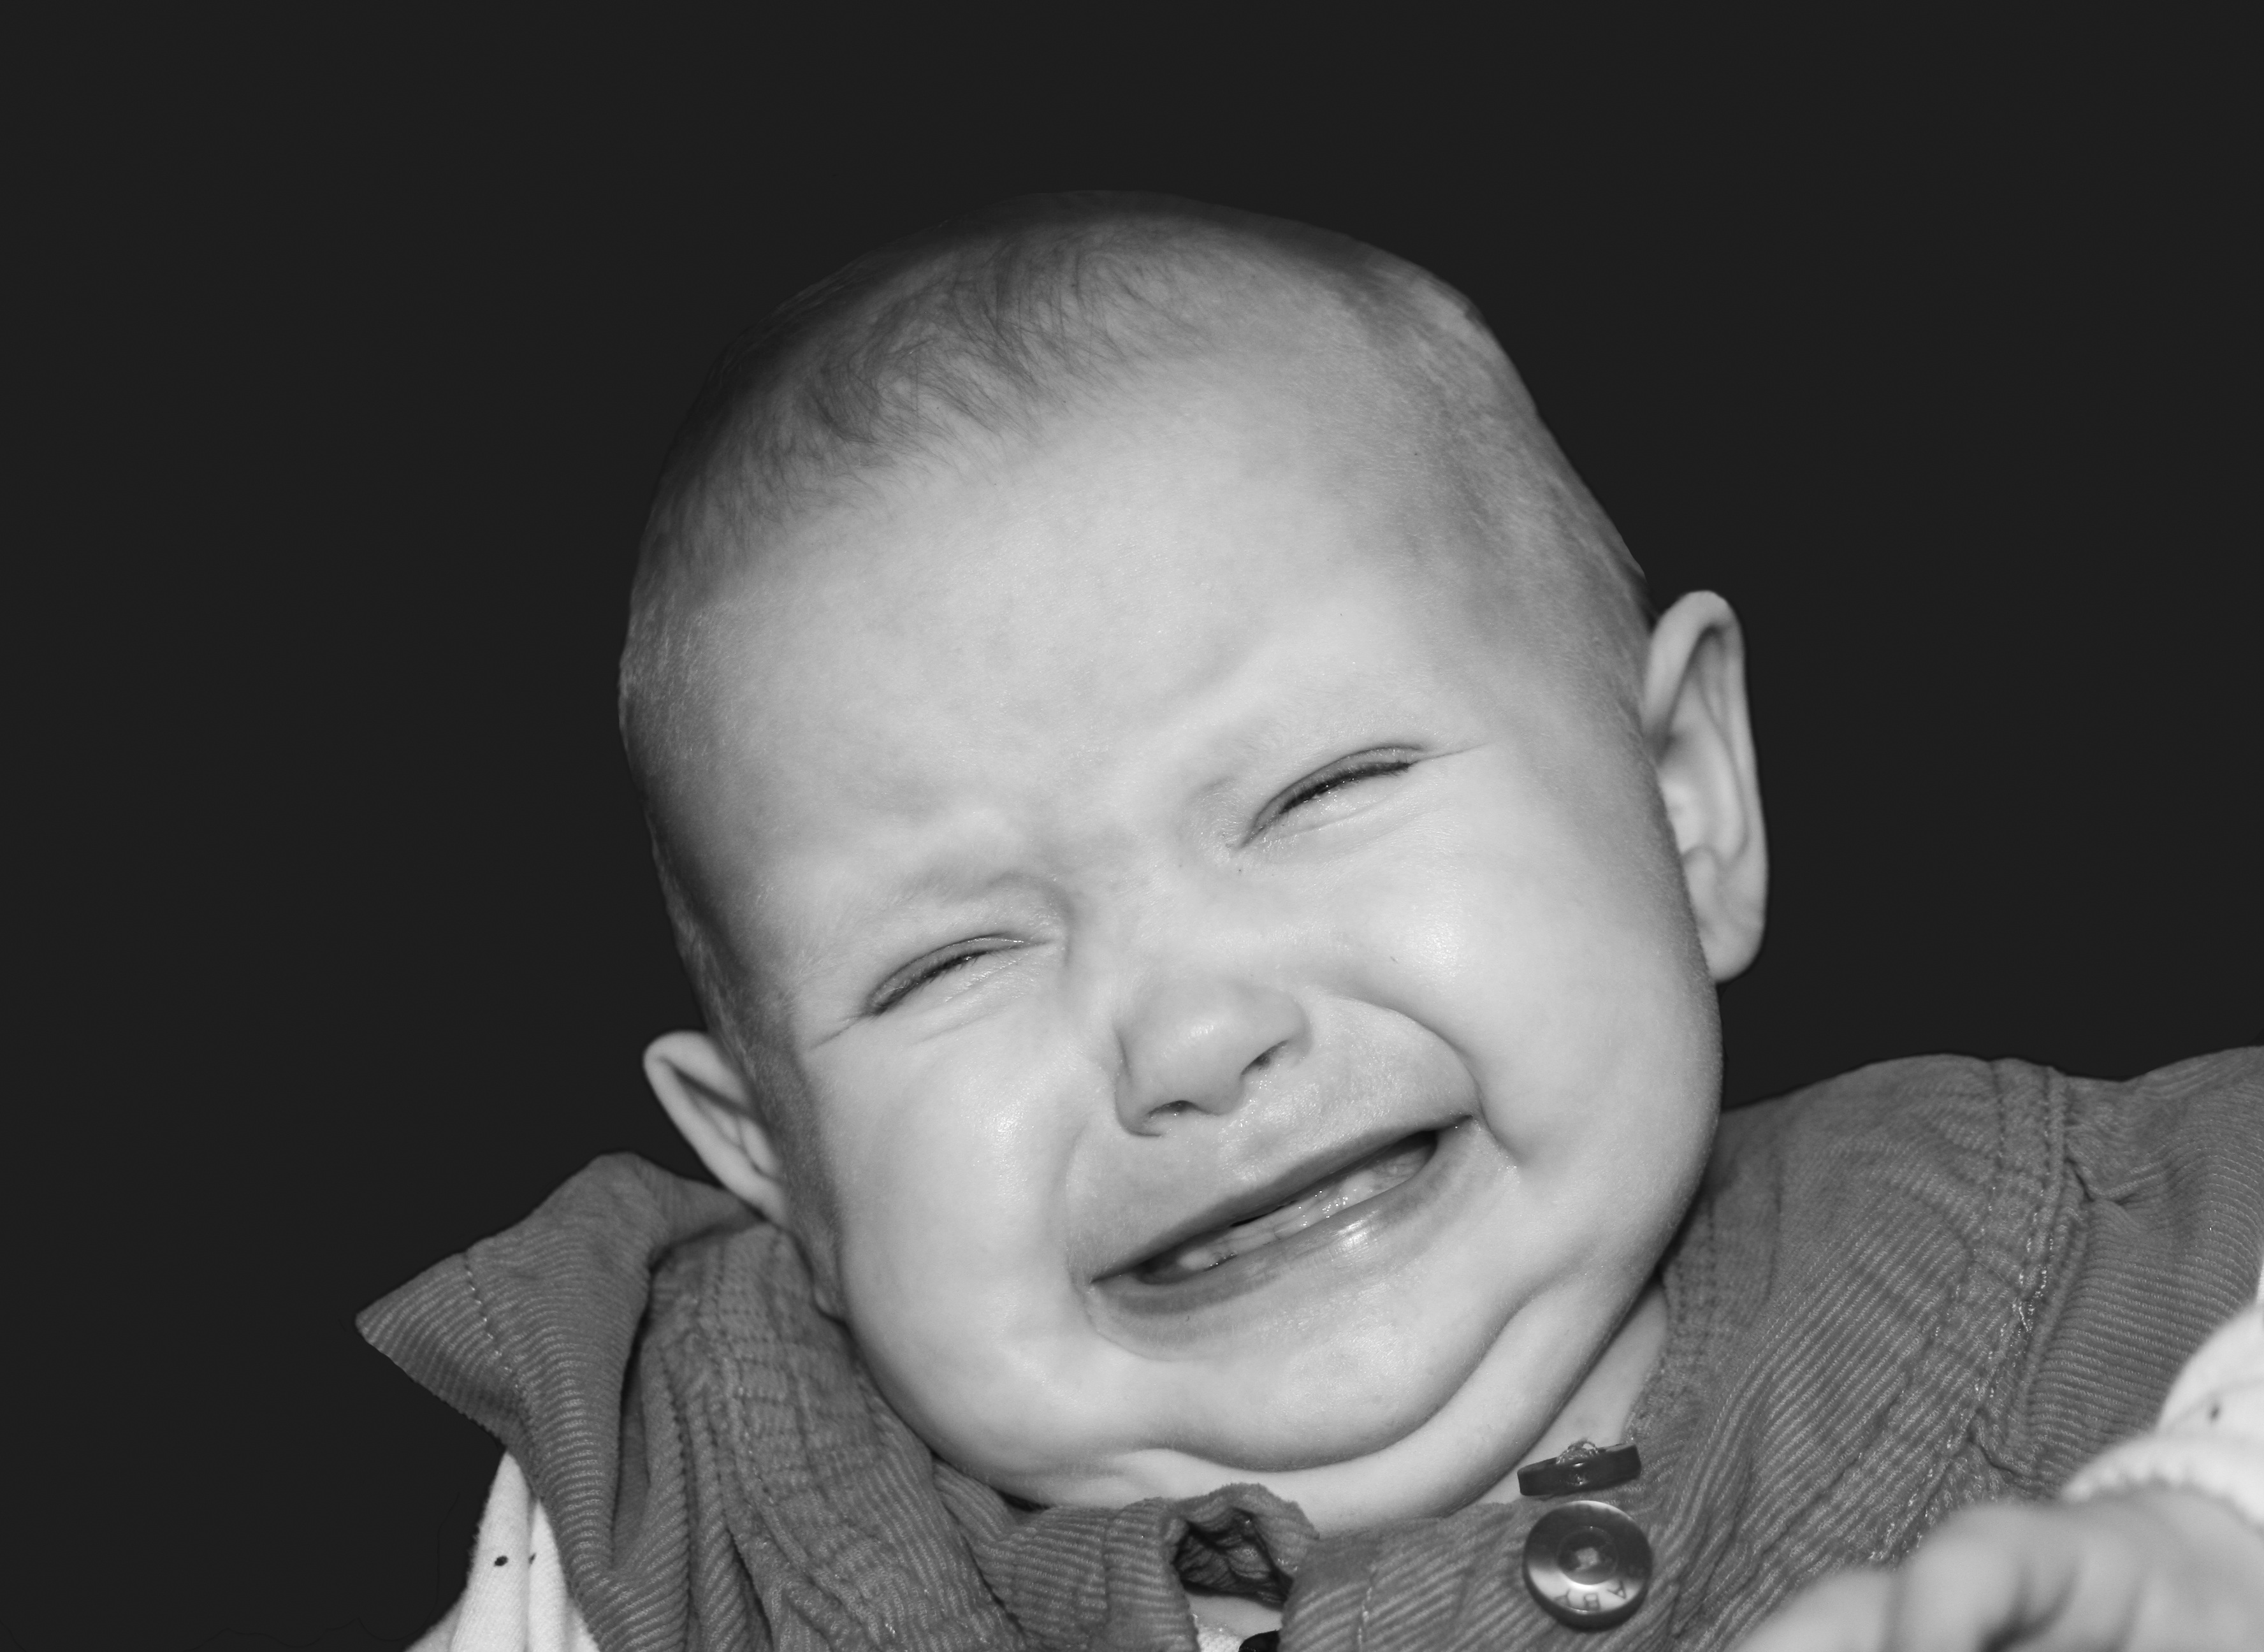 Bébé qui pleure - bebeblabla.fr